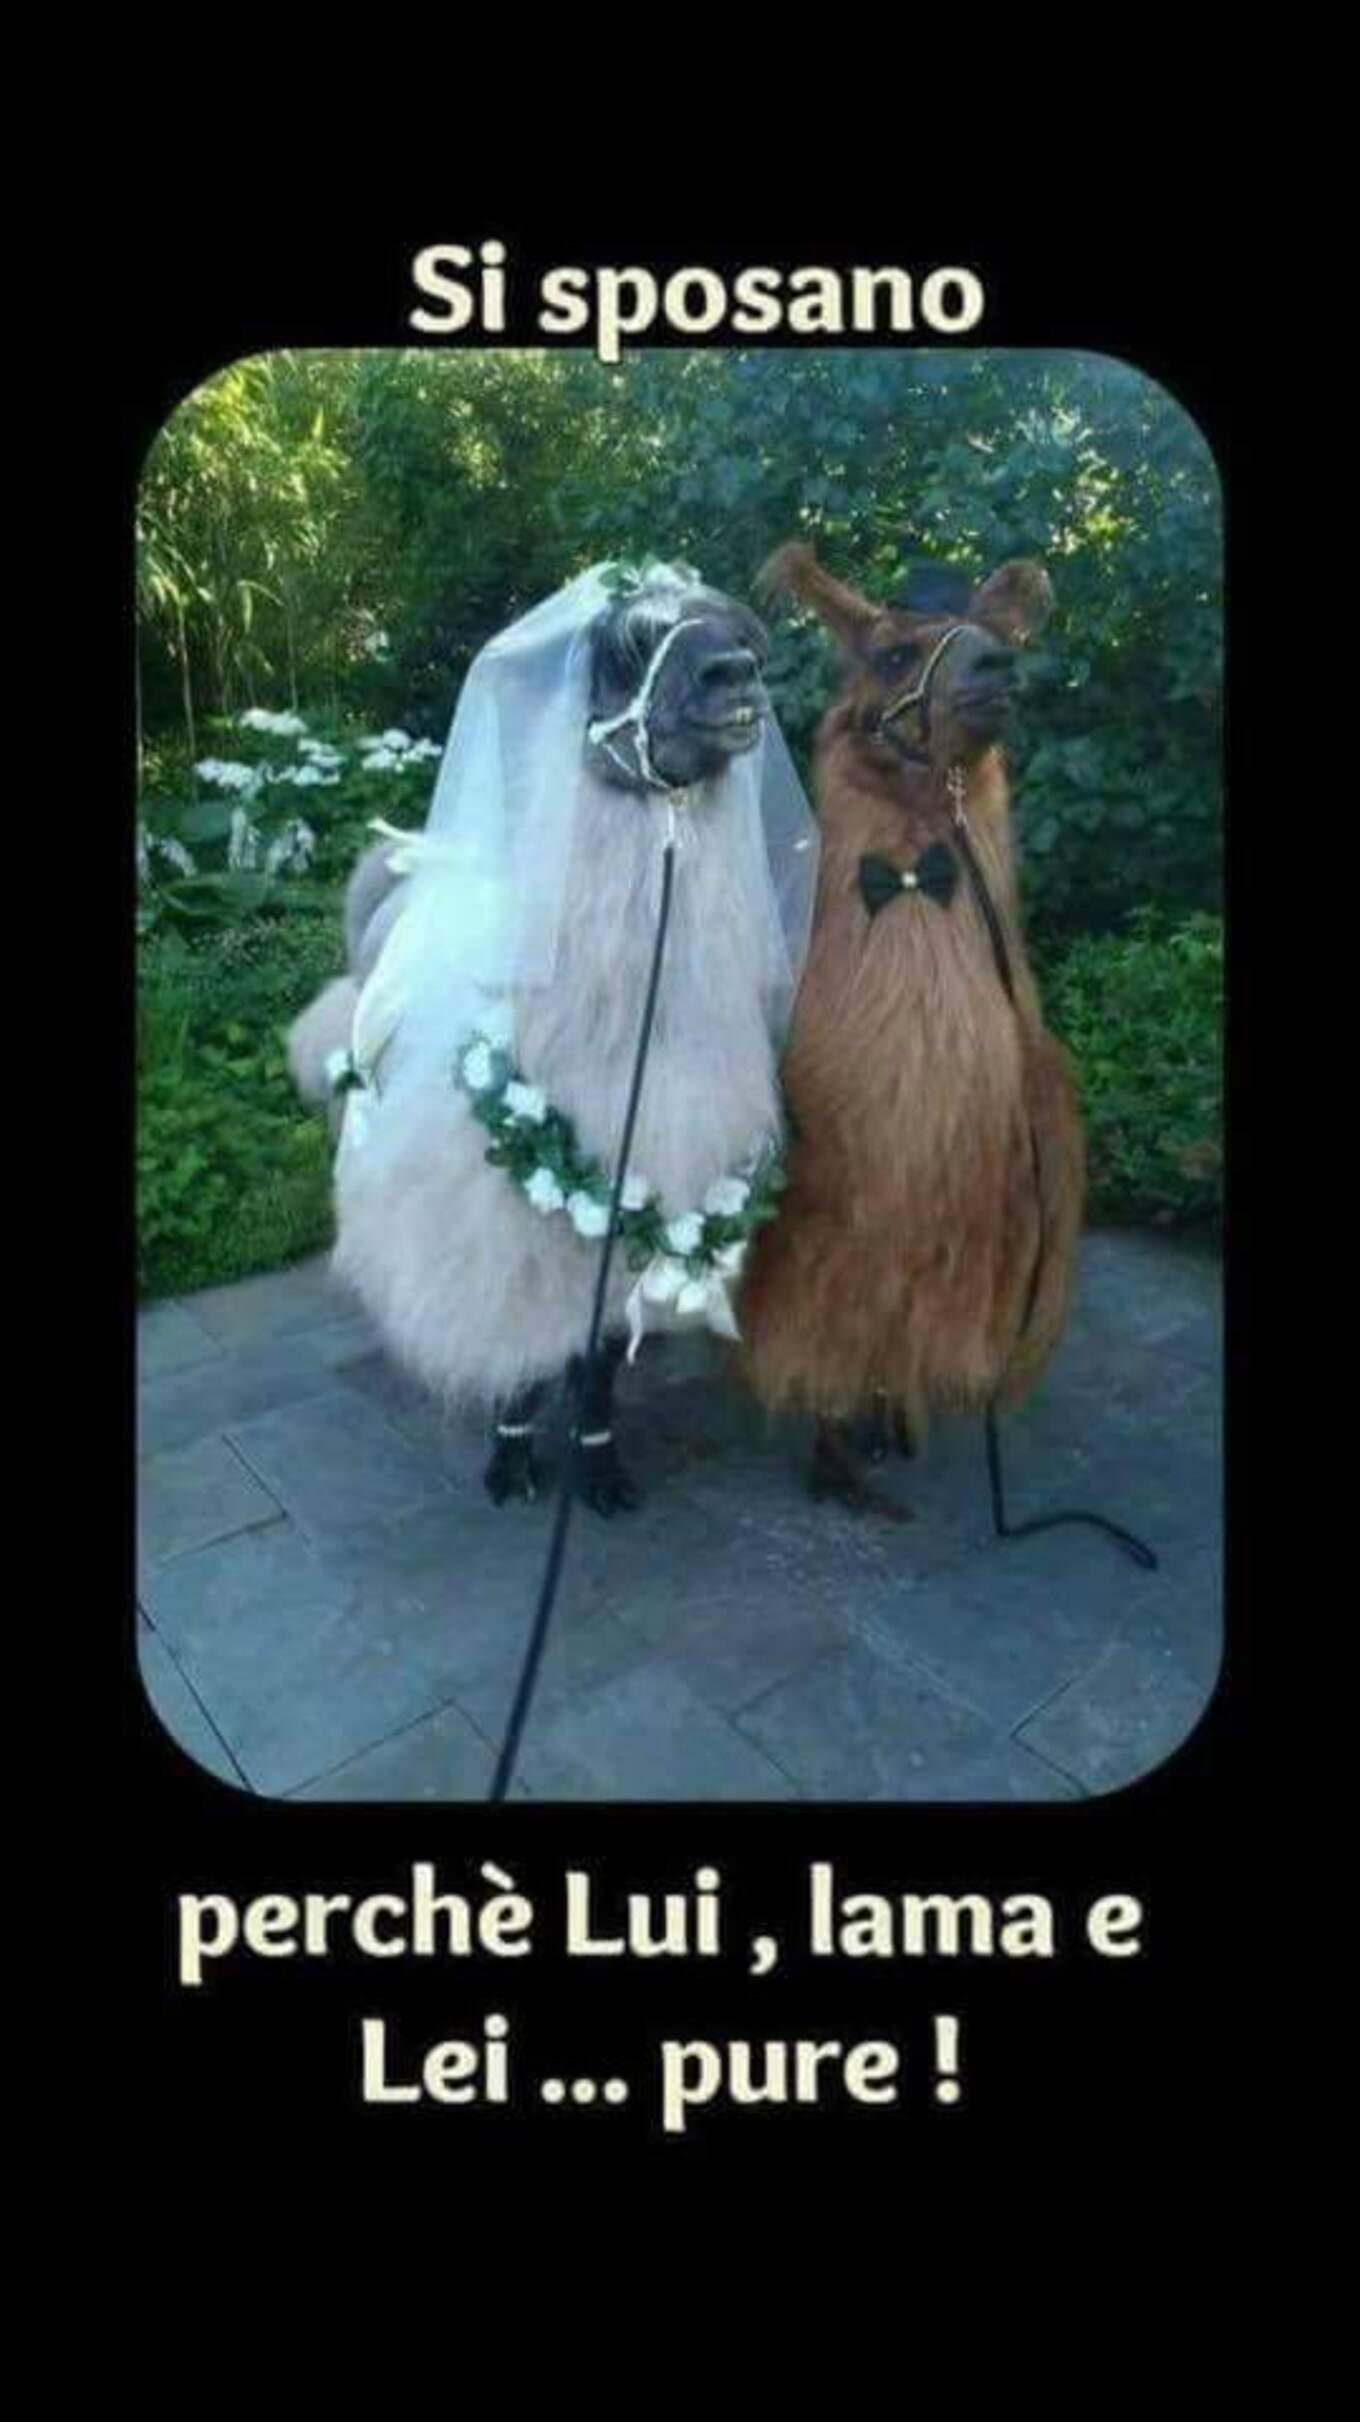 Si sposano perchè lui lama... e lei pure!